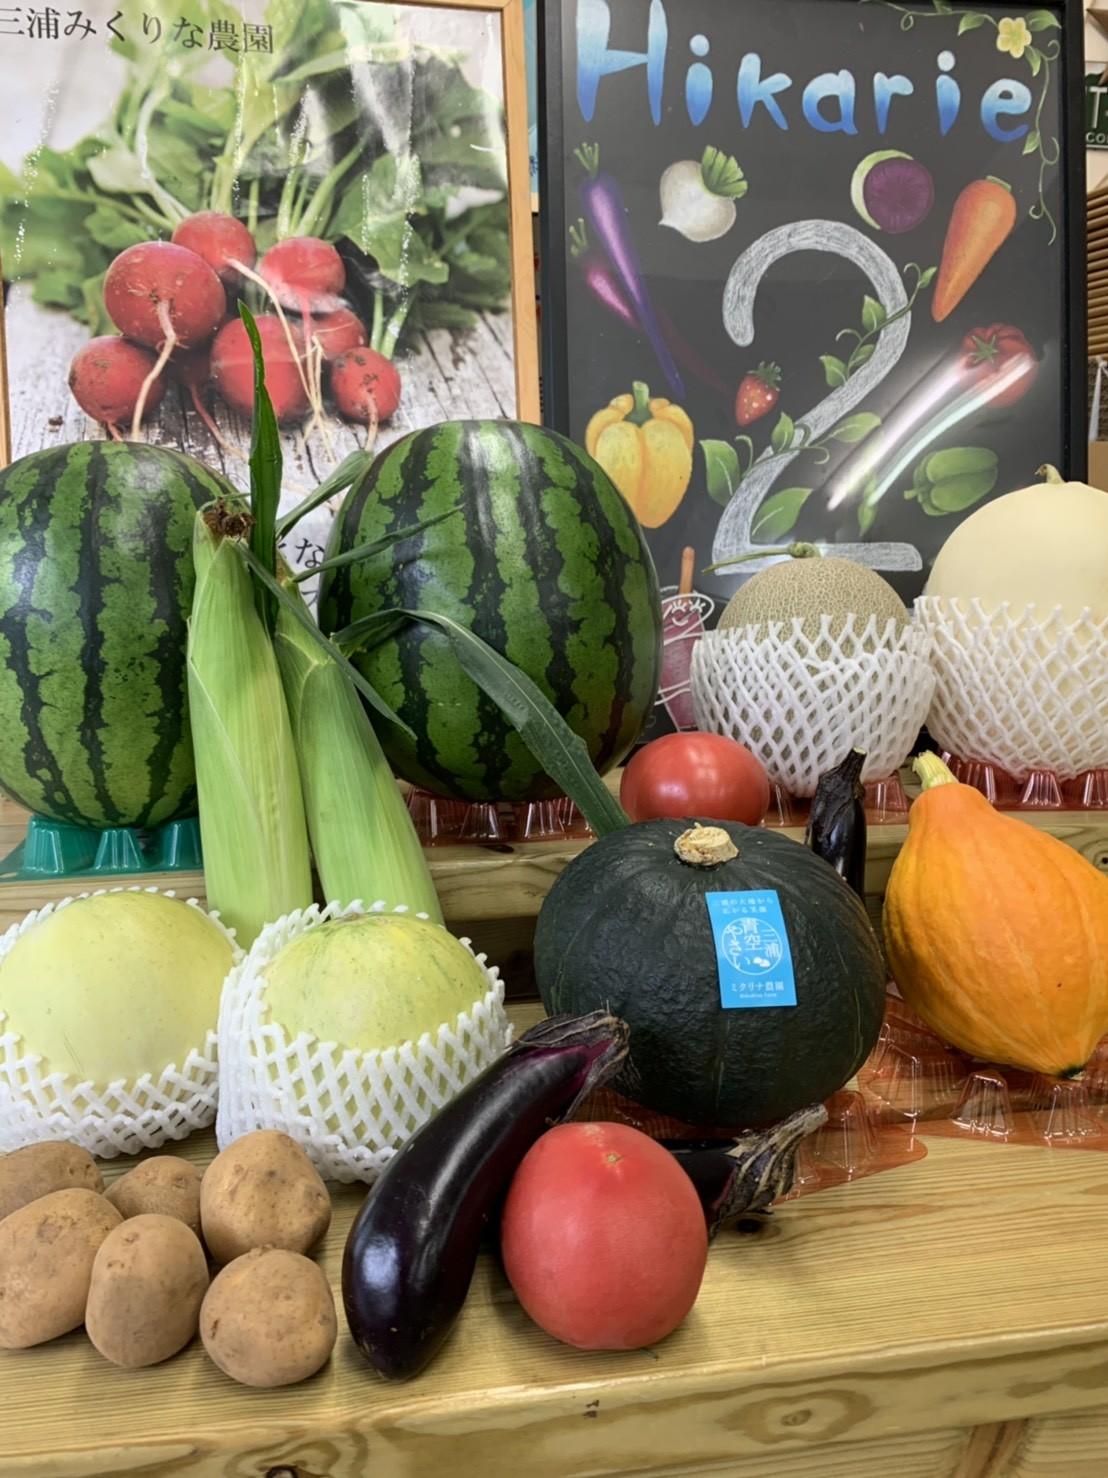 夏野菜が最盛期です!